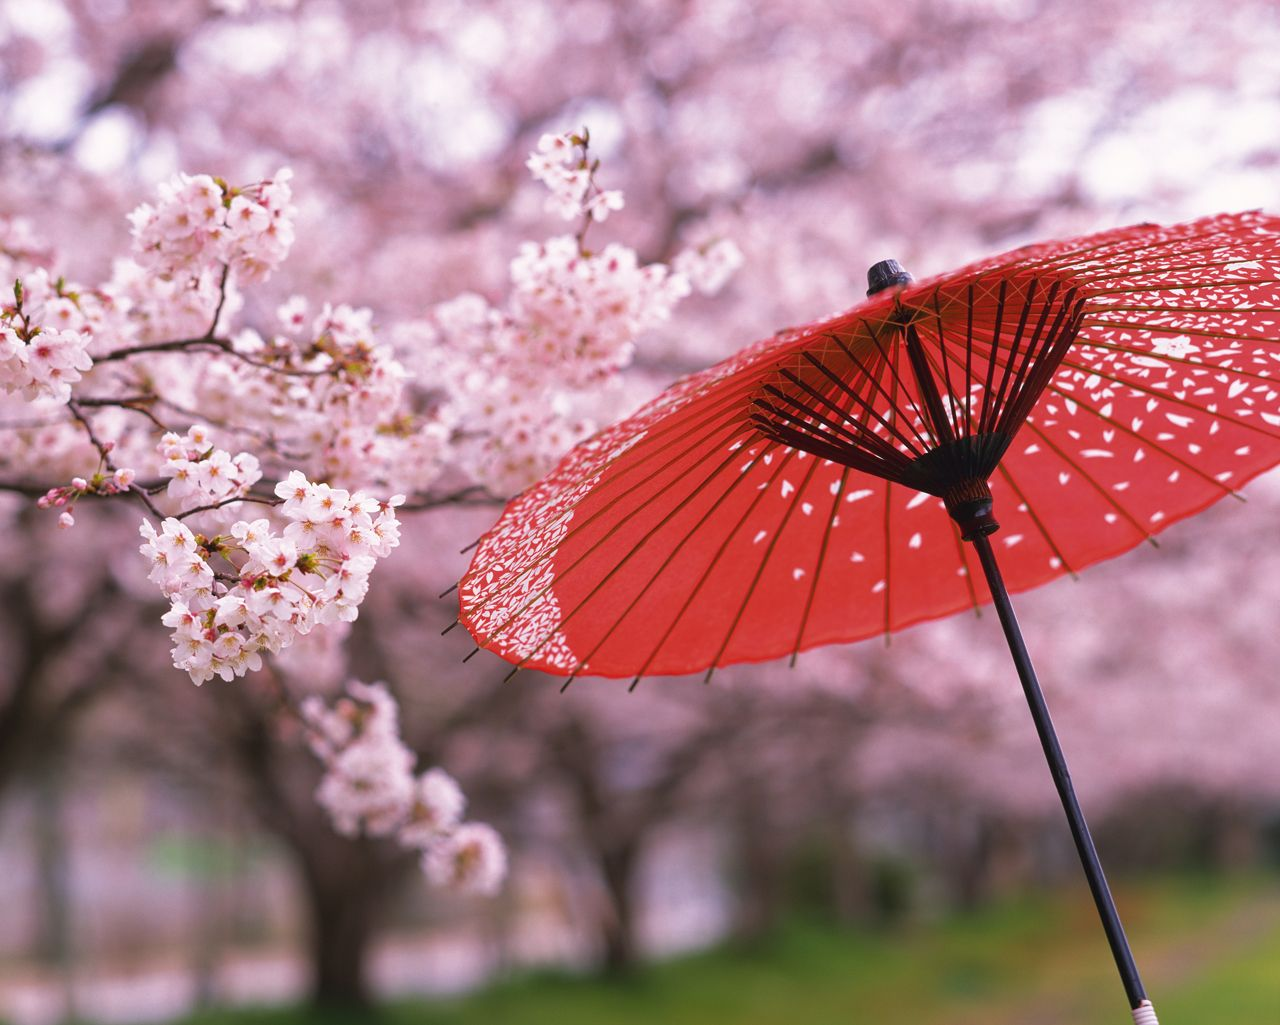 パンドラ の の 海外 反応 憂鬱 日本